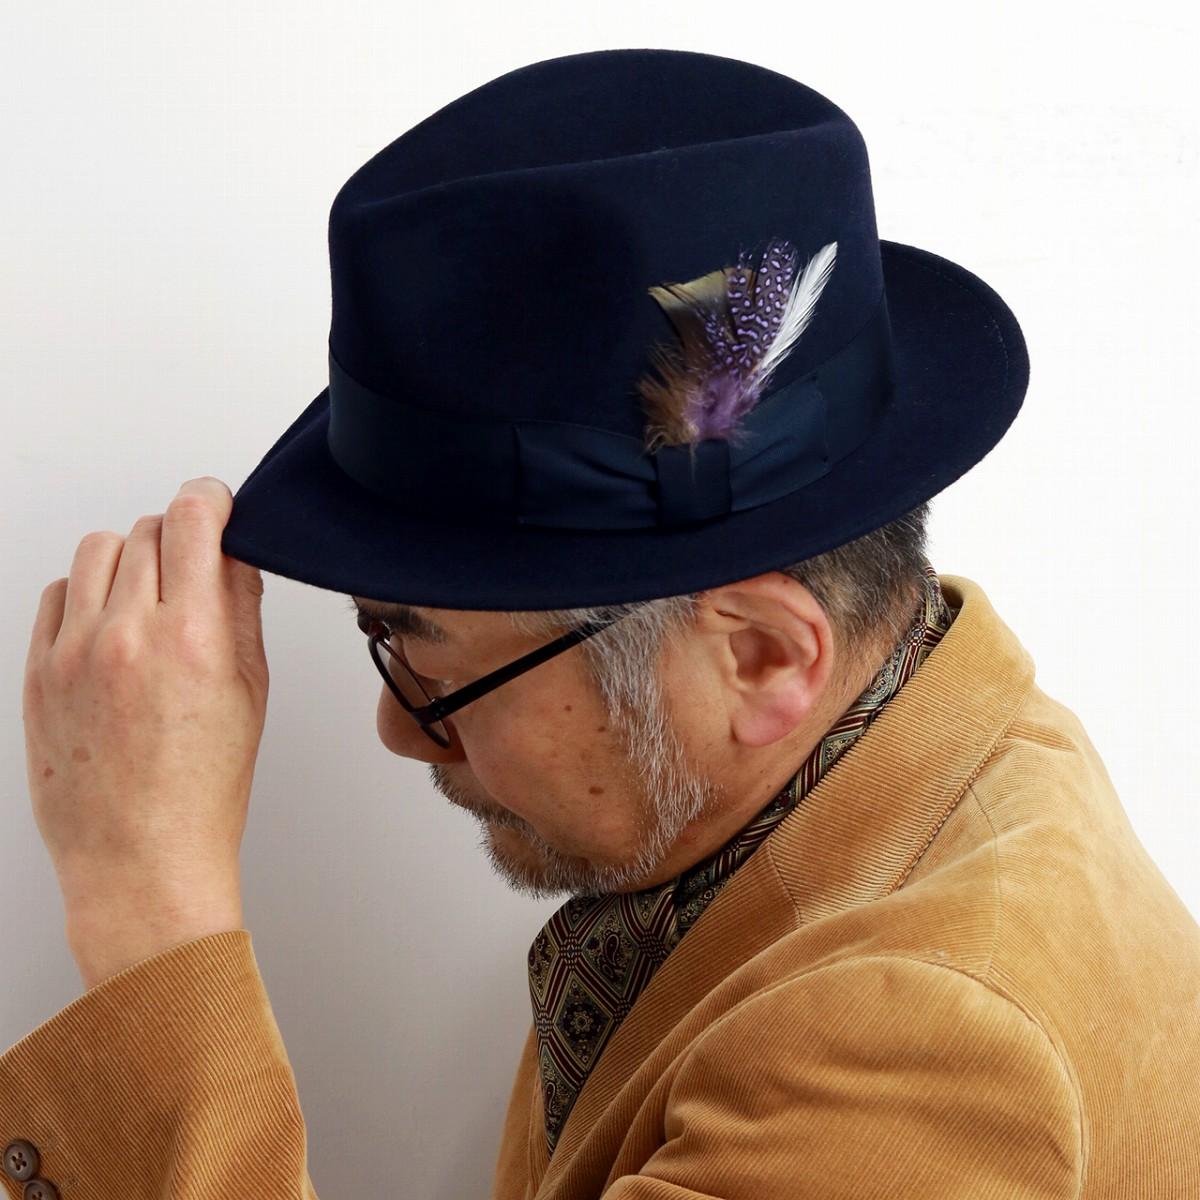 フェルトハット メンズ stetson 帽子 ステットソン ハット ウール 毛100% クラッシャブル ソフトハット 羽根付き フェルト帽 紳士 大きいサイズ 57cm 59cm 61cm / 紺 ネイビー [ fedora ] stetson 帽子通販 男性 帽子 クリスマス ギフト プレゼント